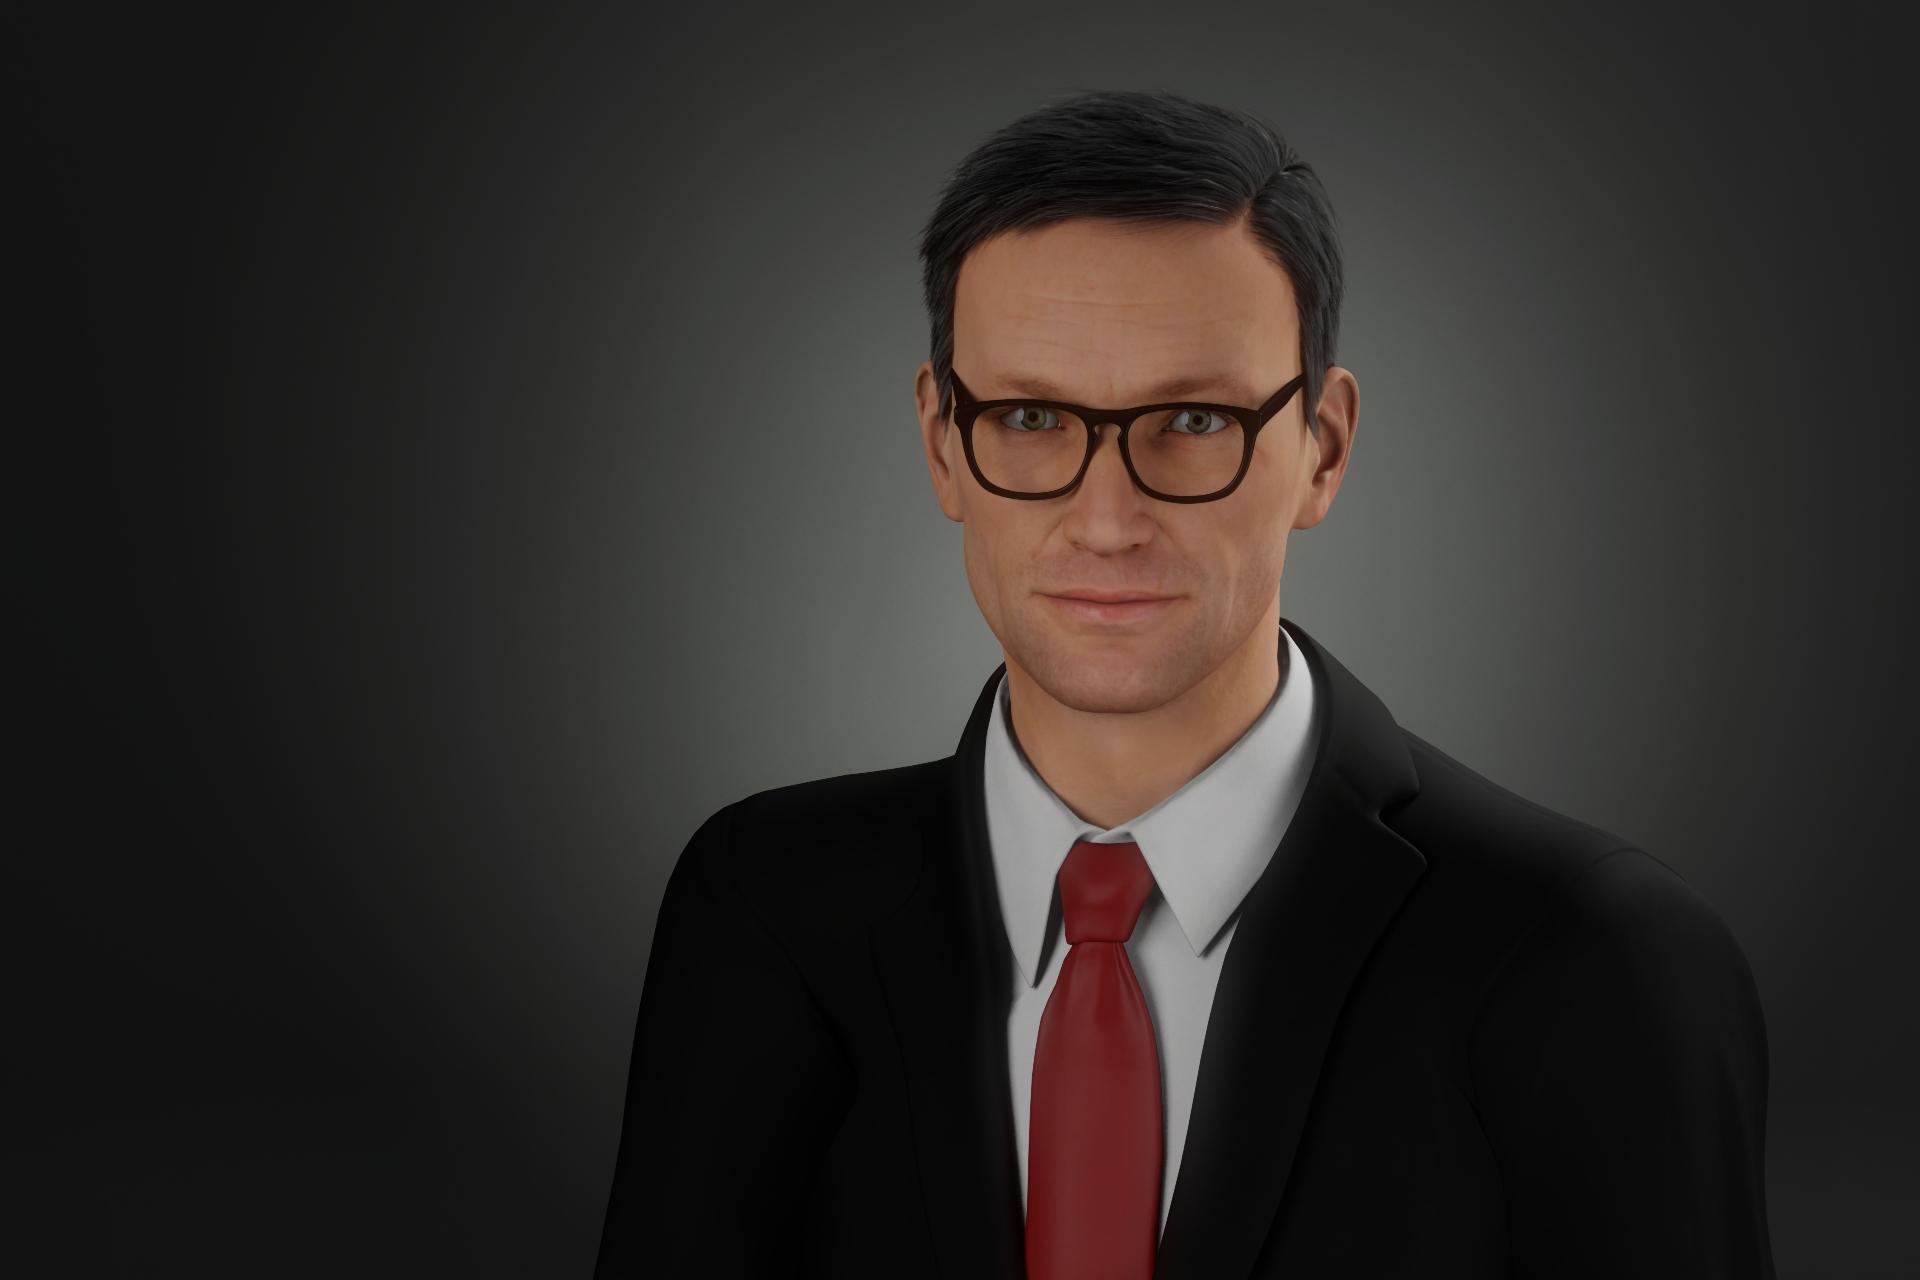 headshots zdjecia koroporacyjne biznesowe jacekdaszewski